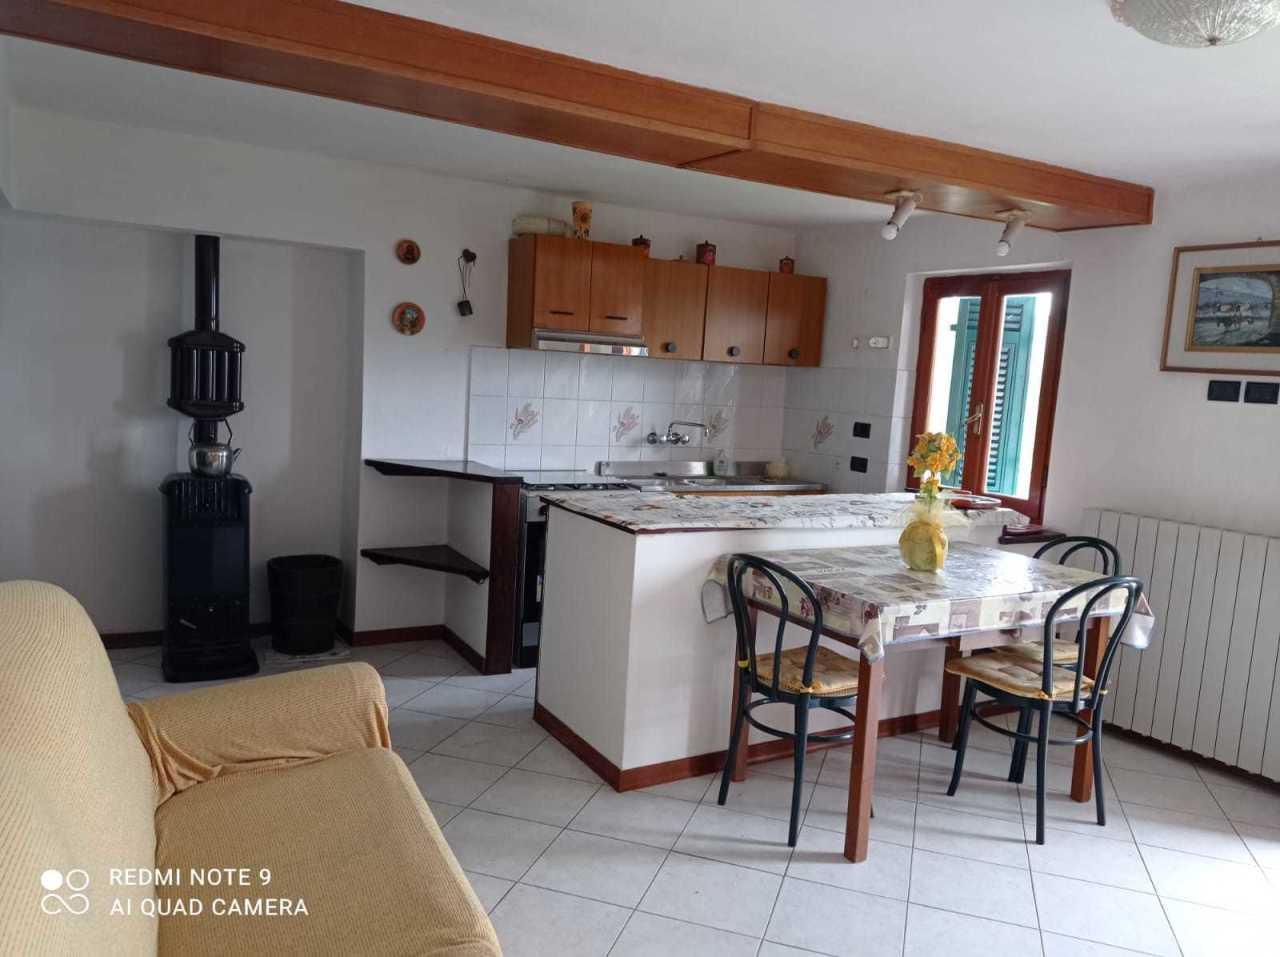 Appartamento in vendita a Fosdinovo, 6 locali, prezzo € 55.000   PortaleAgenzieImmobiliari.it